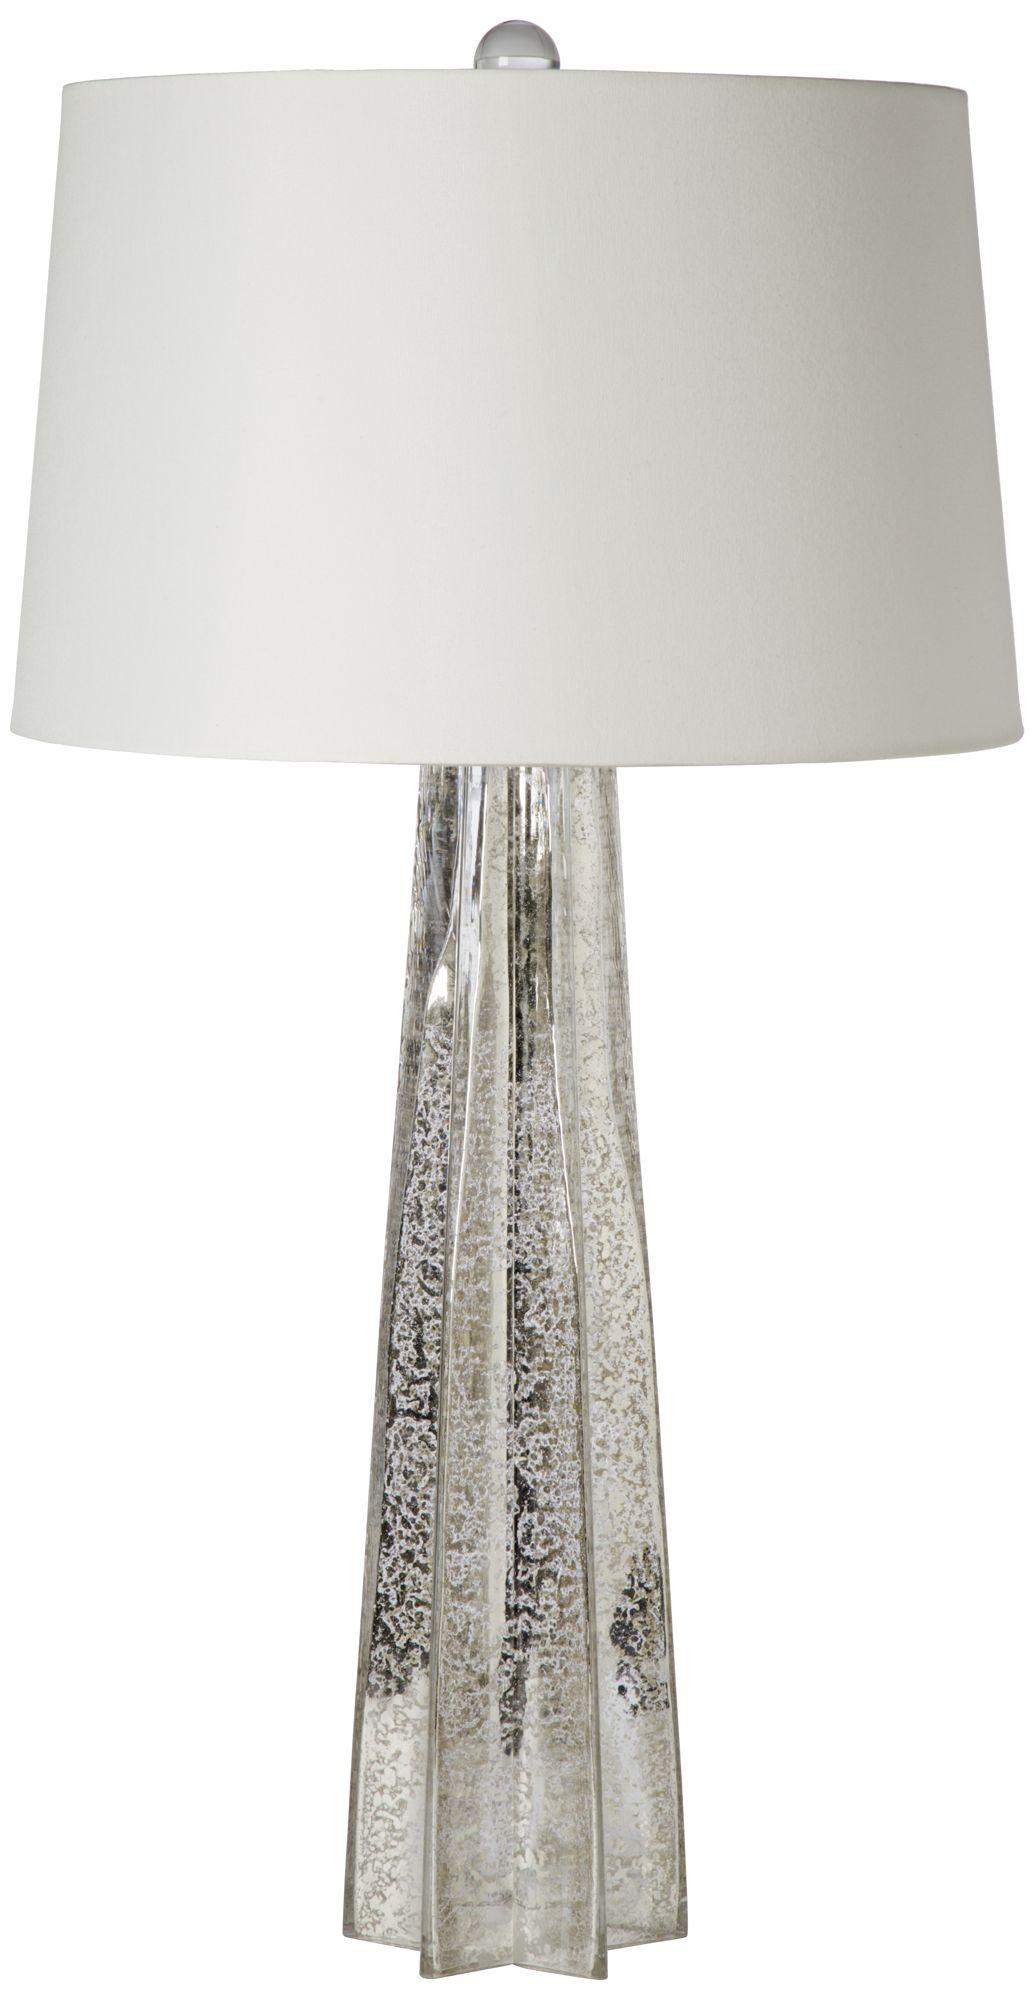 Regina Andrew Design Antique Mercury Glass Star Table Lamp